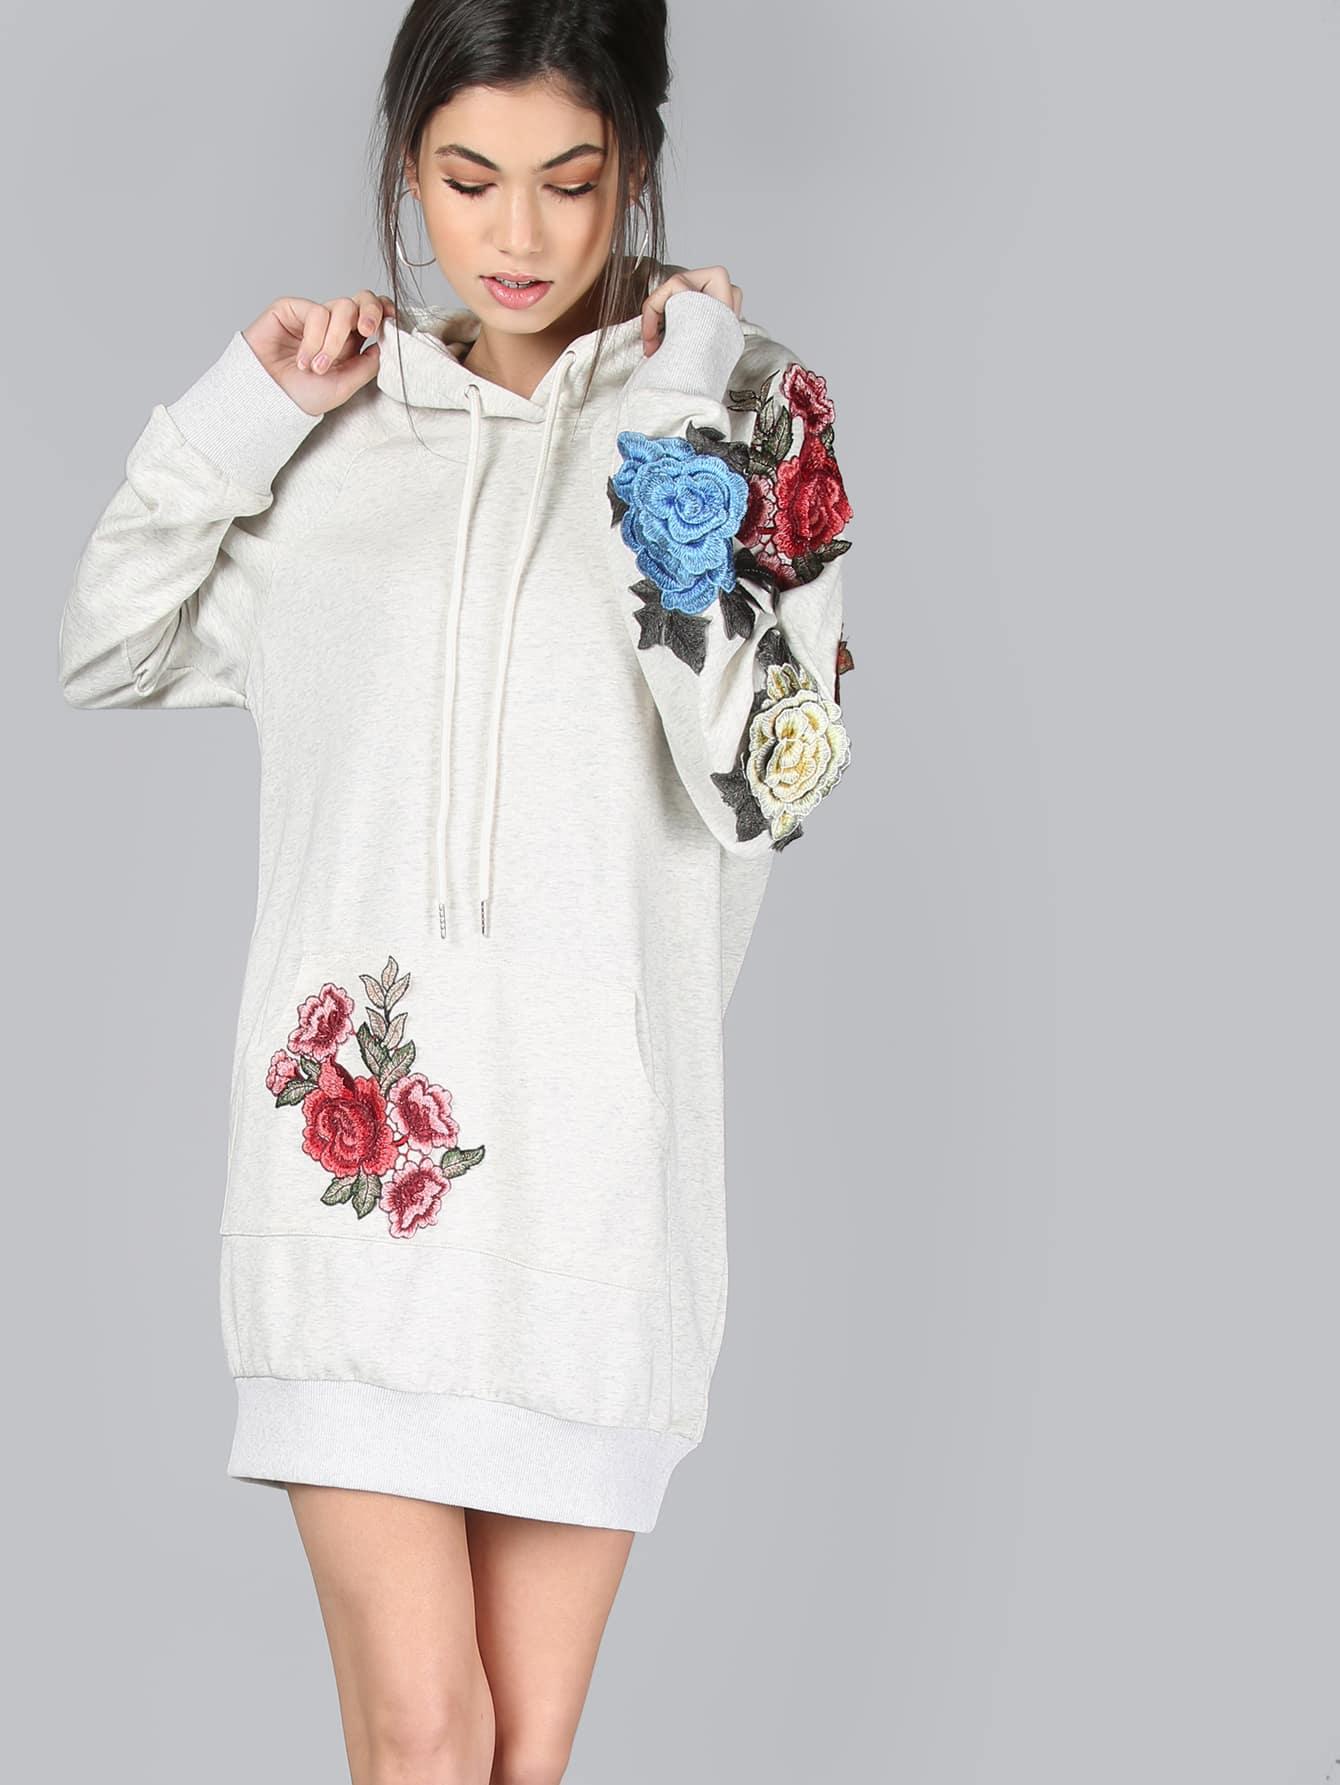 Kleid mit gestickten rosa Haube- German SheIn(Sheinside)